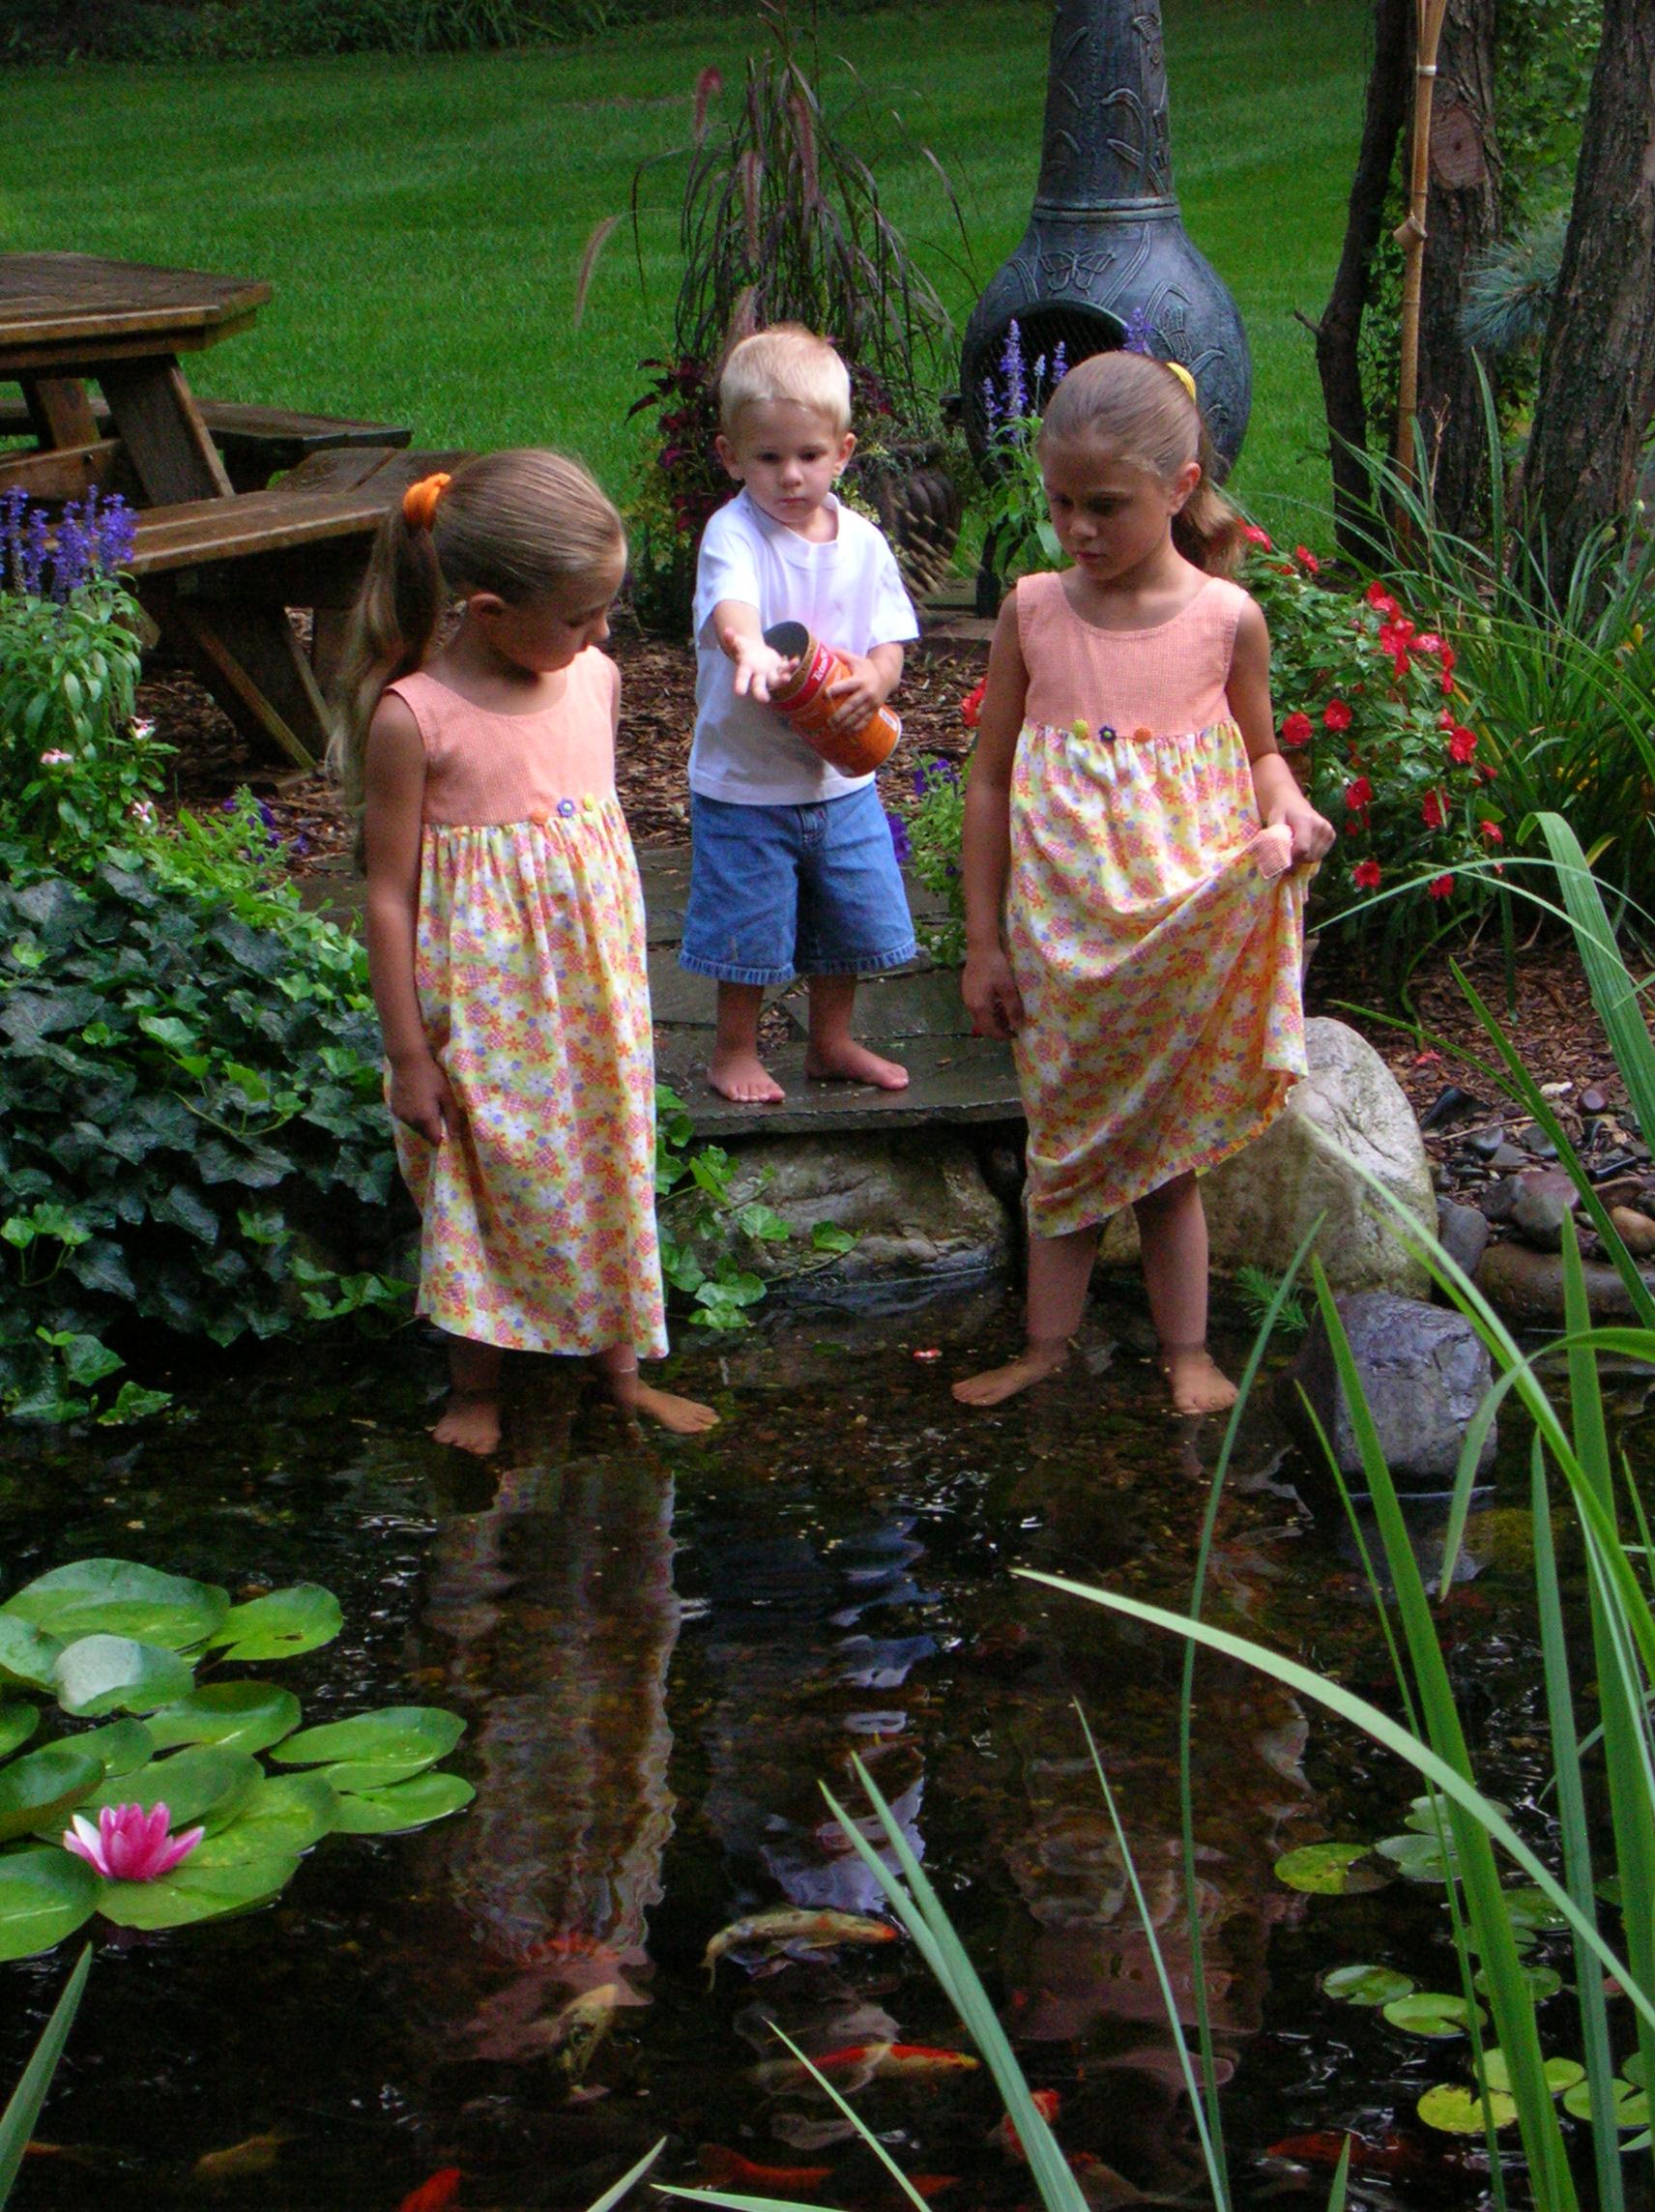 Coy pond, Andover, MA